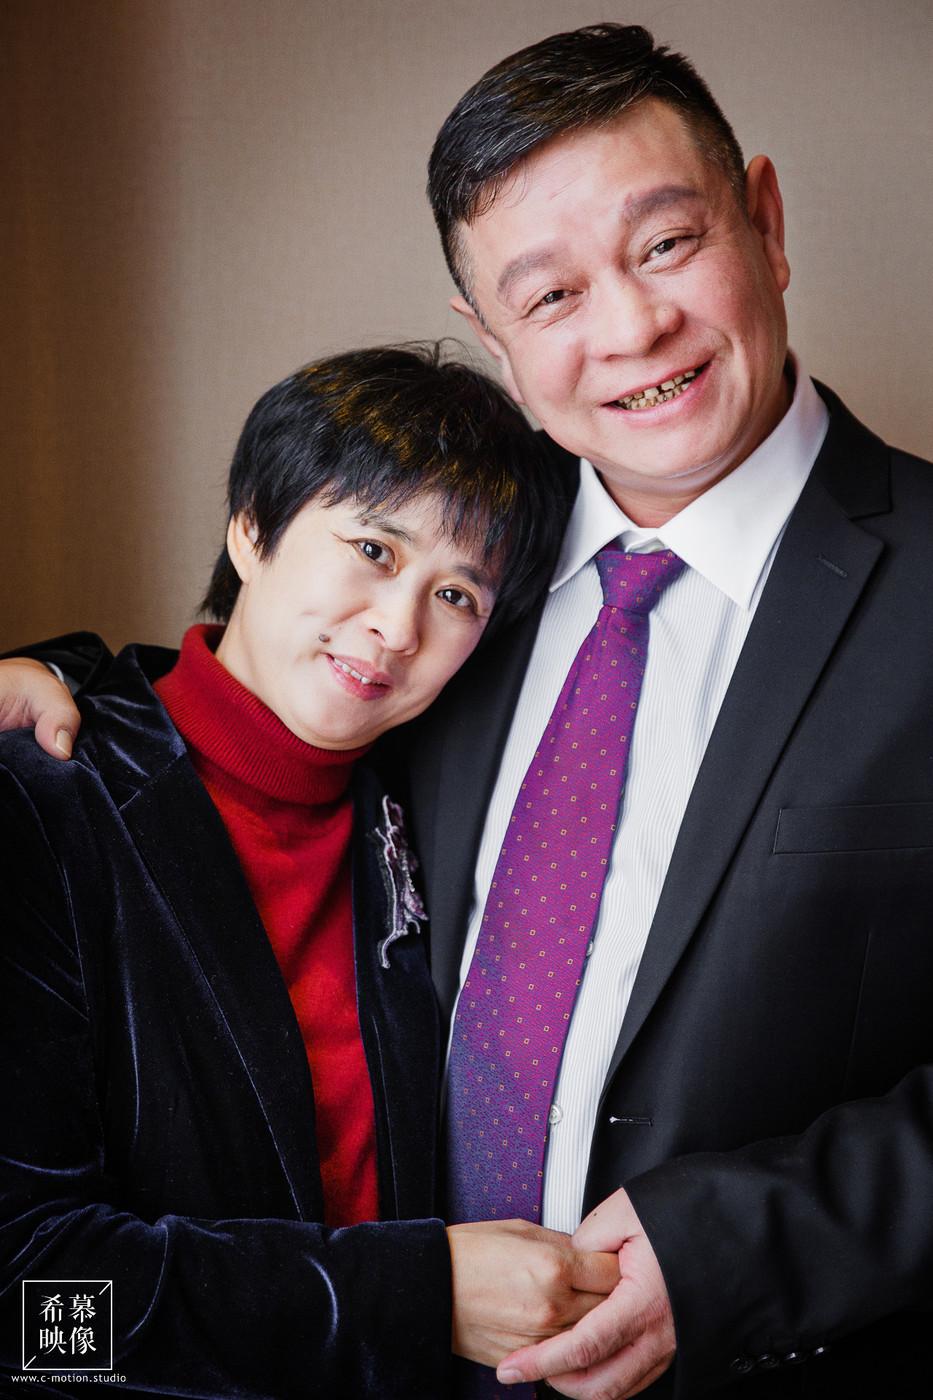 Rui&HY's Wedding12